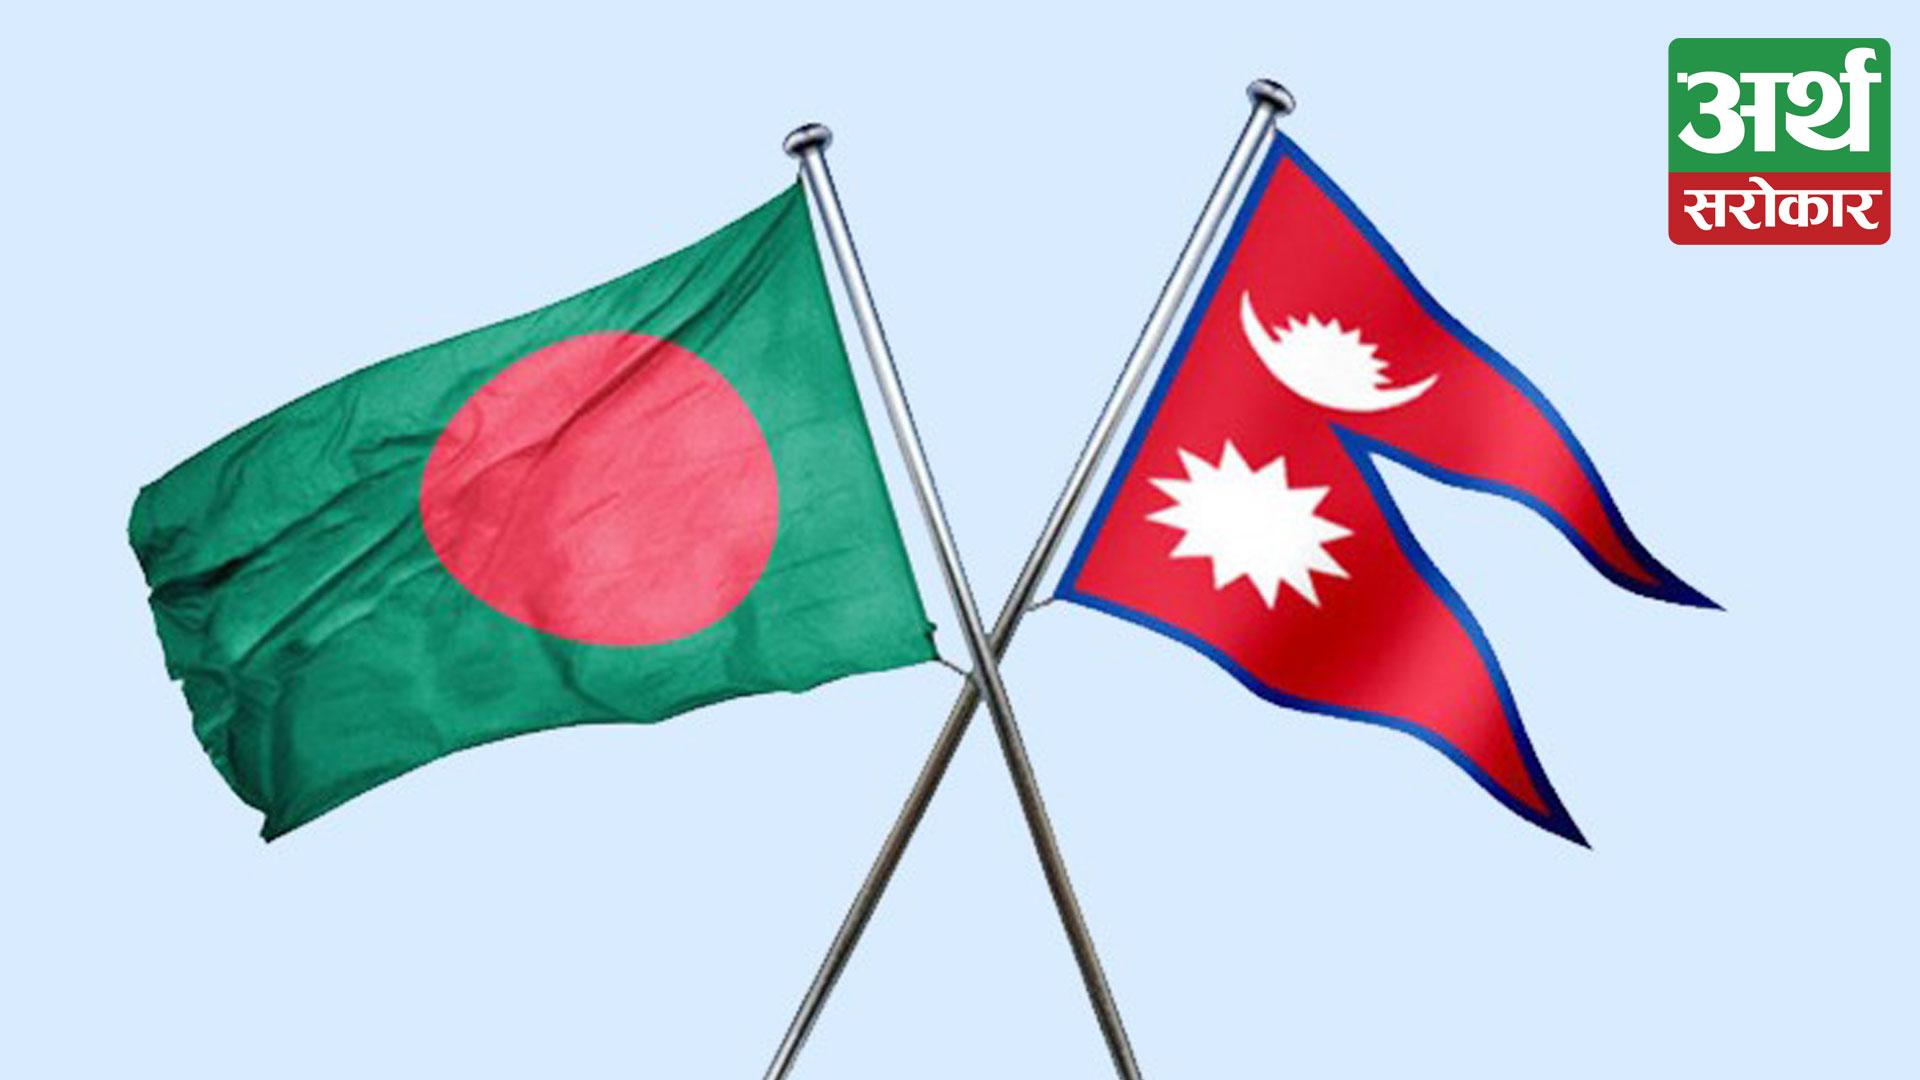 Bangladesh and Nepal may sign PTA as soon as possible